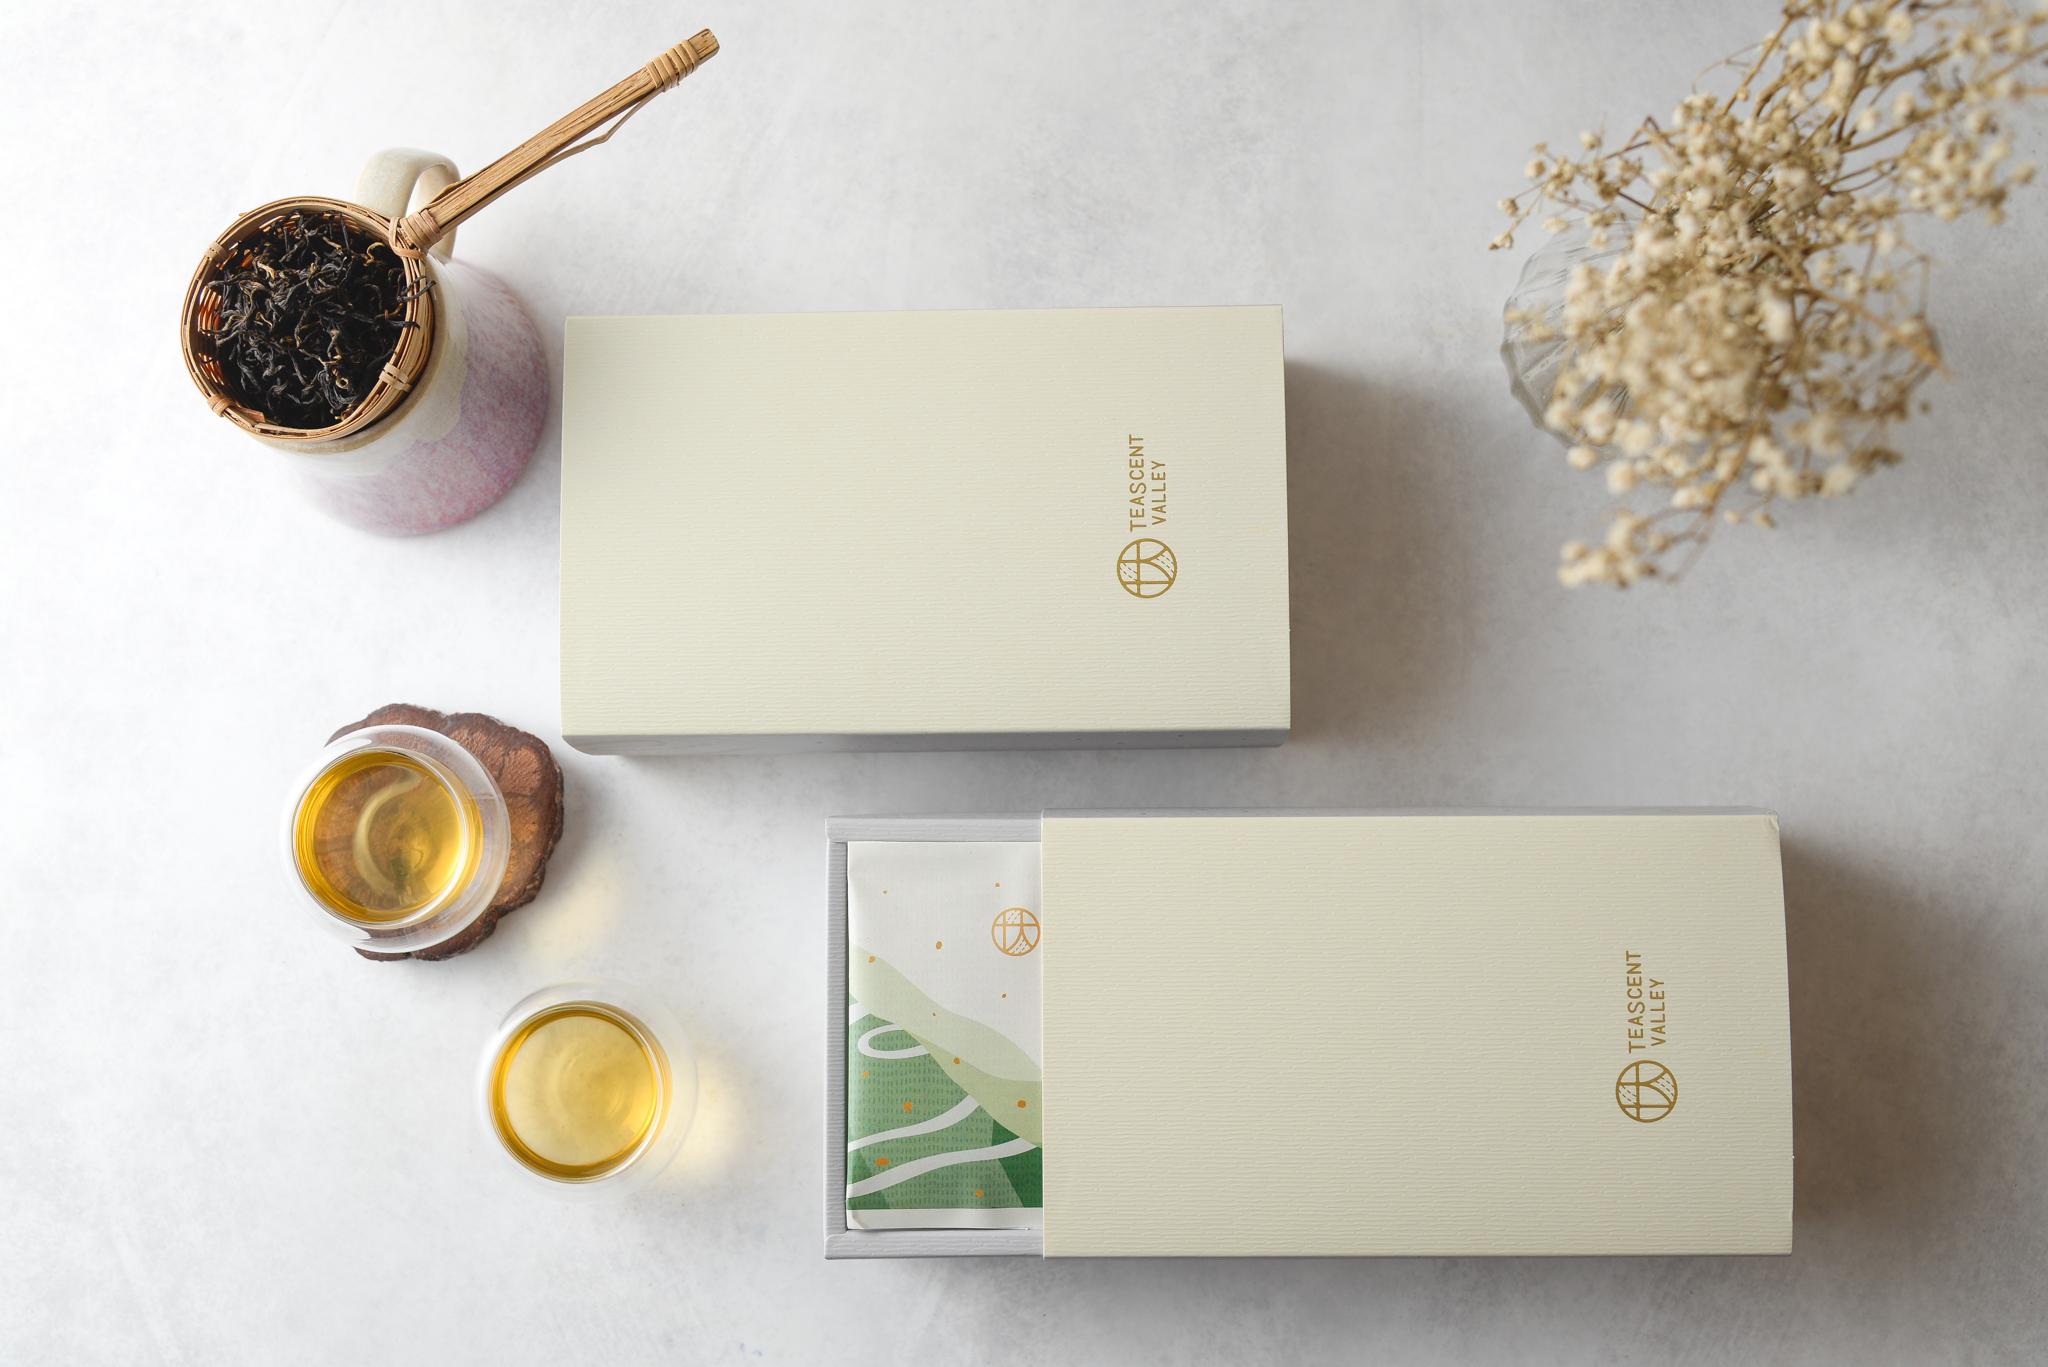 【即將開售】【林韻茶園】立體茶包| 阿里山金萱 / 烏龍 / 綜合10入組